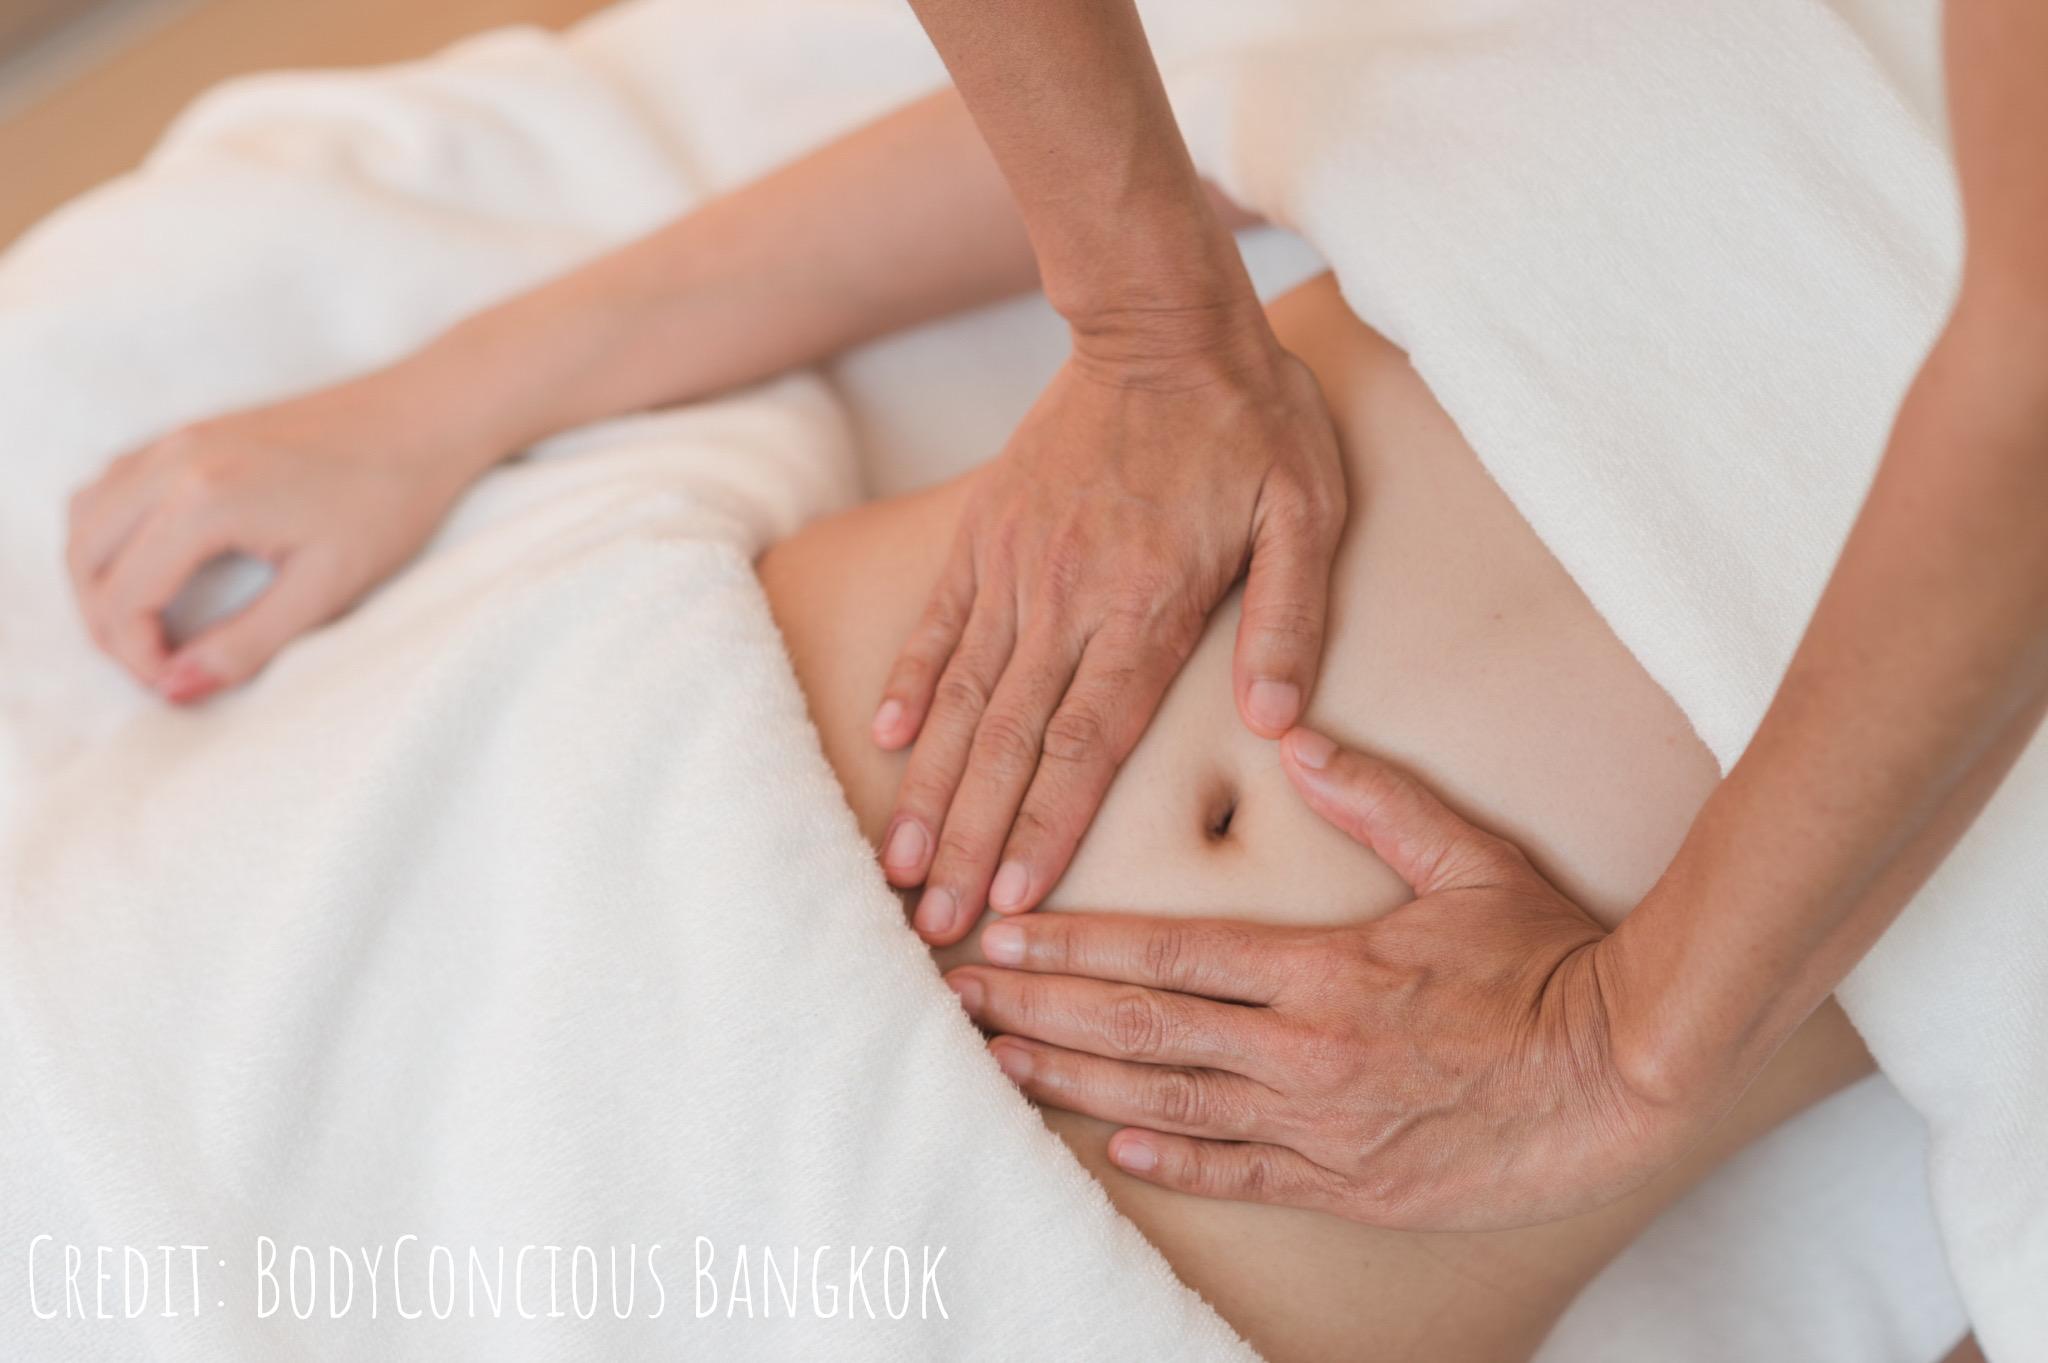 タイで受けたいヒーリング療法「チネイザン」とデトックス療法「腸内洗浄」